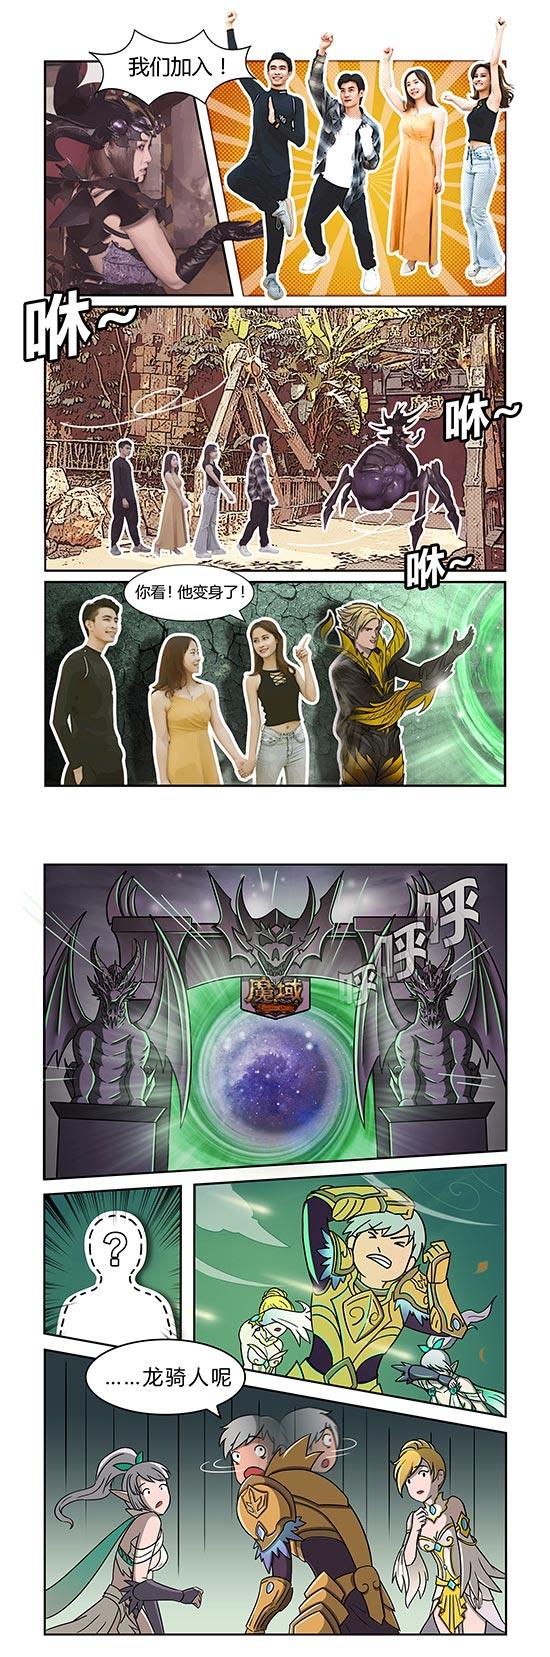 深圳欢乐谷万圣鬼屋大SF奇迹MU网页版冒险! 万圣节《魔域》带你穿梭次元